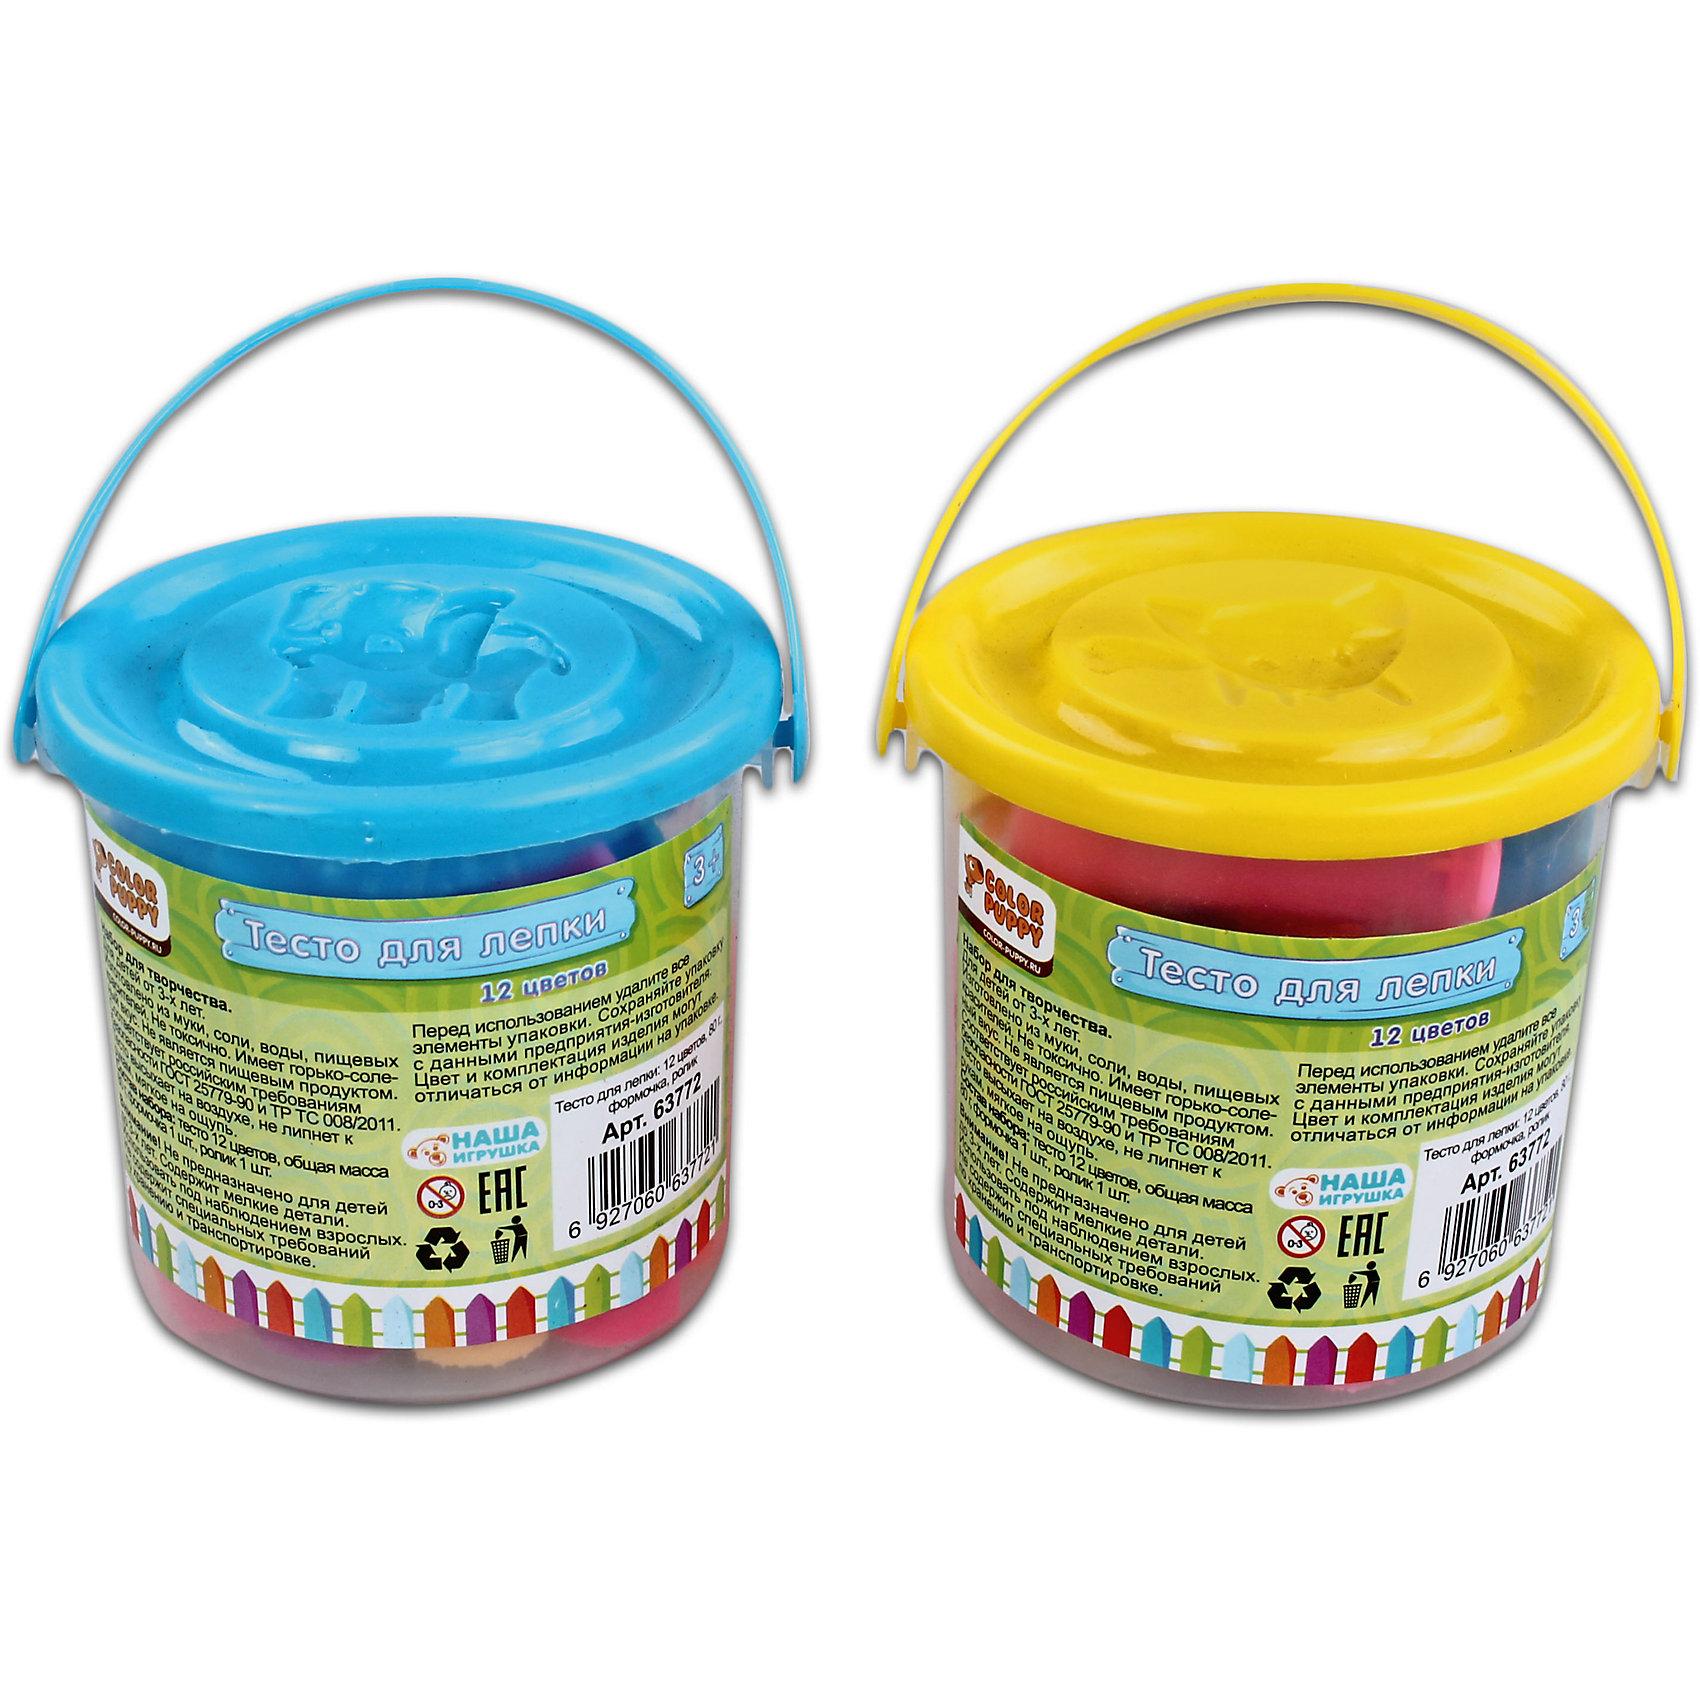 Color Puppy Тесто для лепки: 12 цветов, 80г, формочка, ролик color puppy тесто для лепки 26 цветов 442г формы ролик